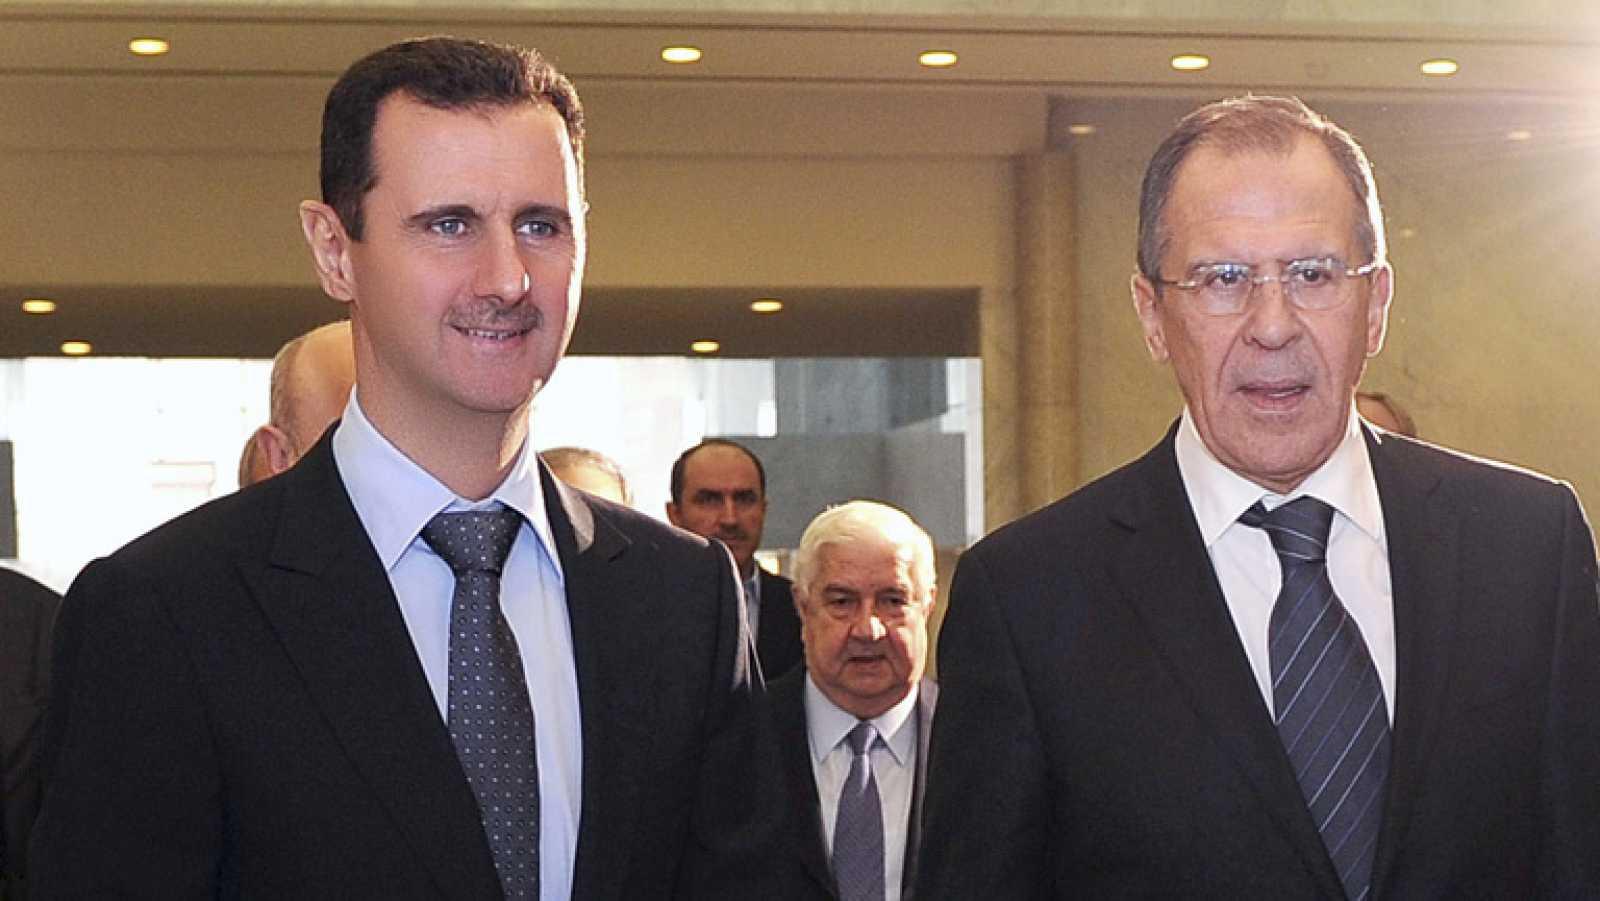 Puesta en escena del régimen sirio para recibir a uno de sus grandes aliados